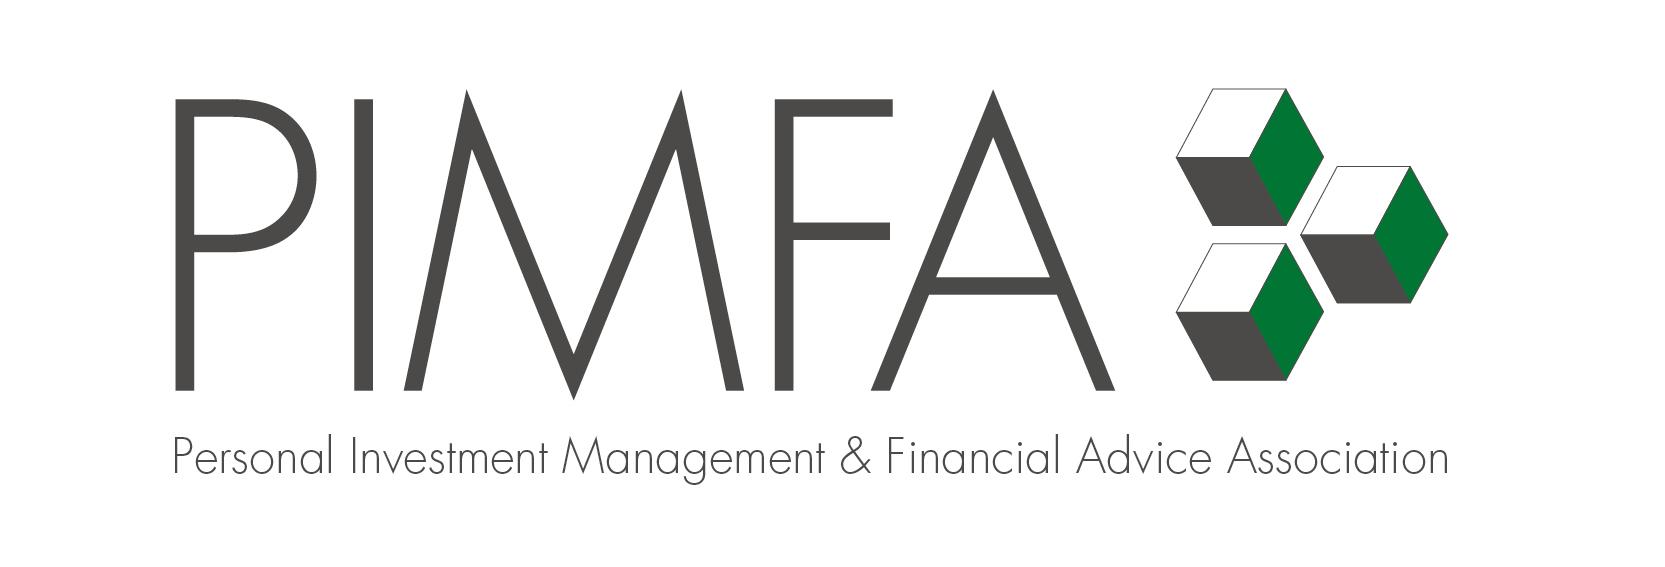 PIMFA Logo - Full Name